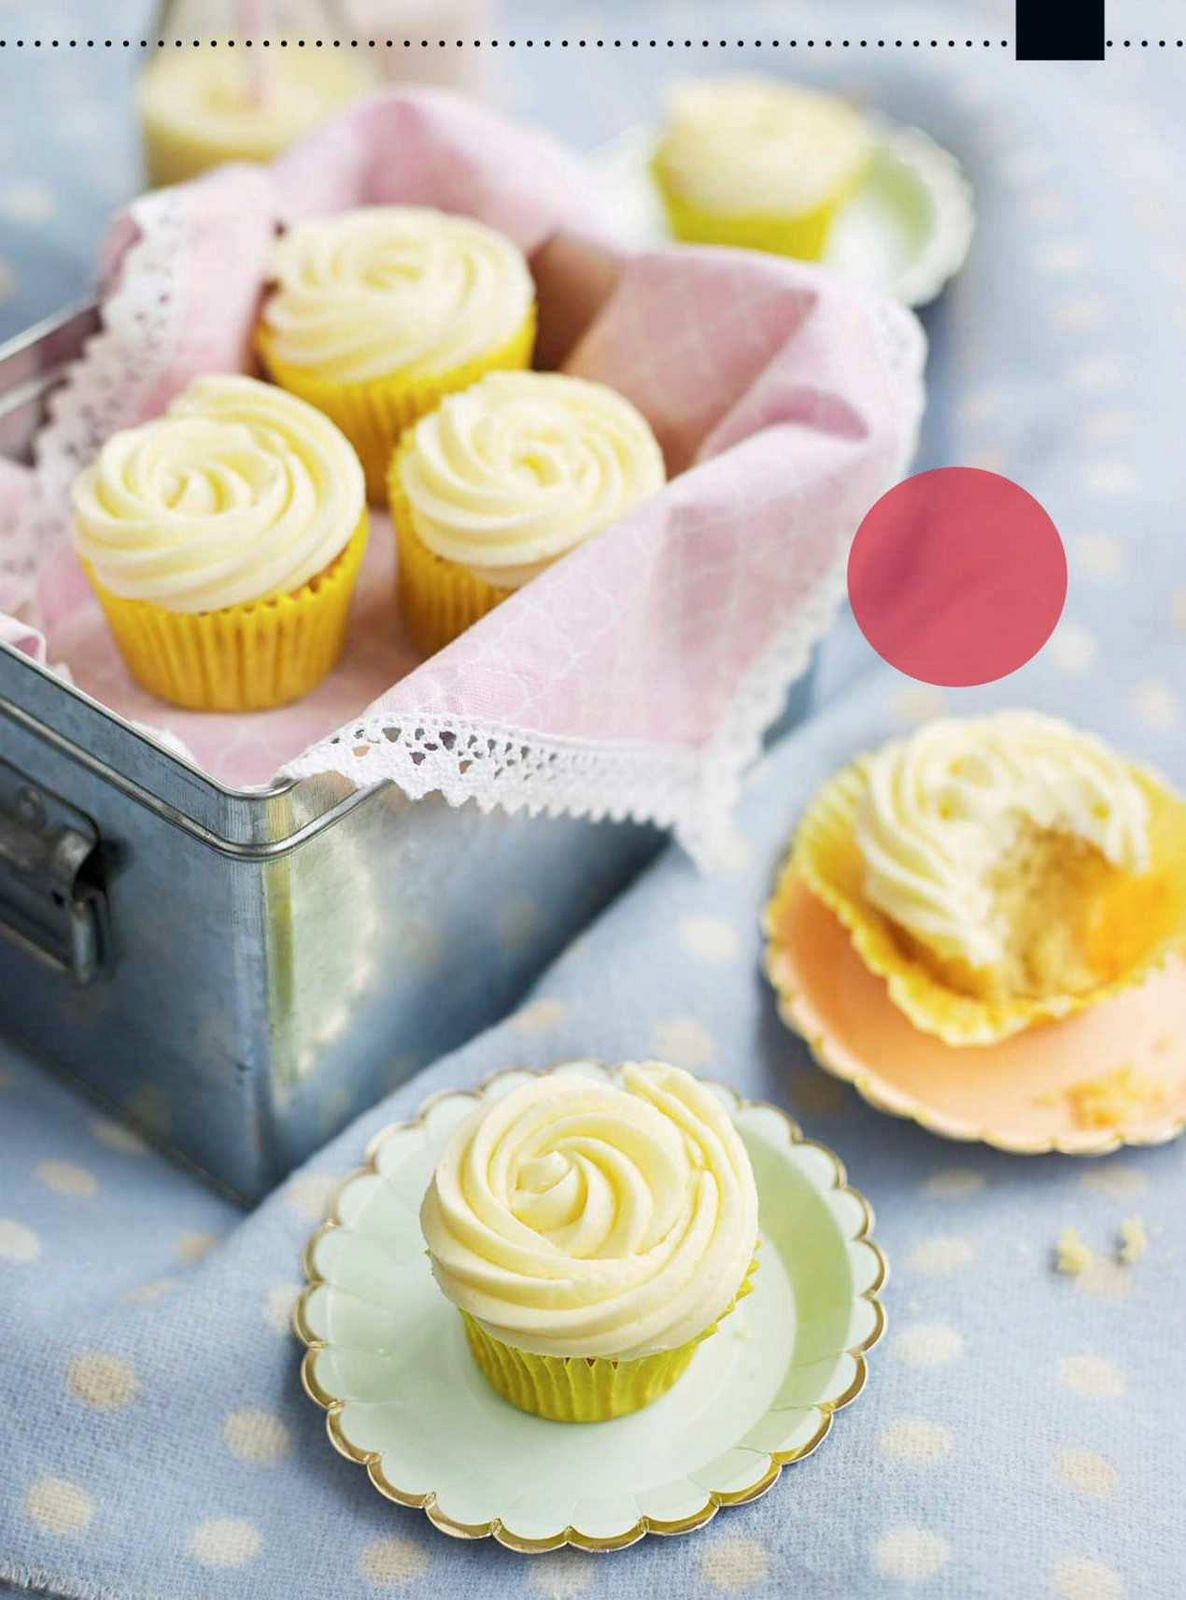 Bbc_good_food_uk__july_2018_image_58 vanilla cupcakes